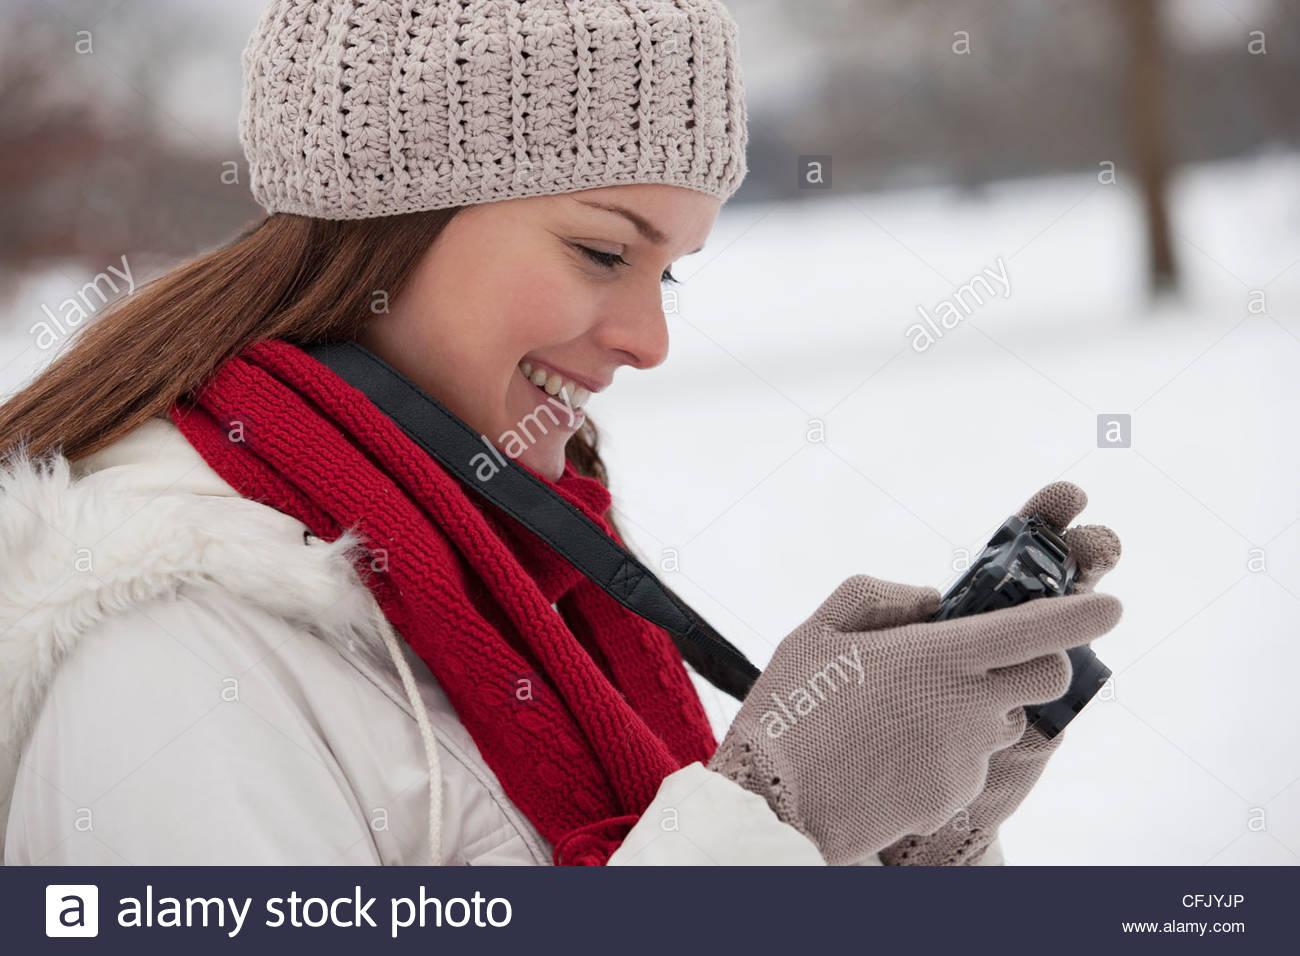 Une jeune femme debout dans la neige, à la recherche de son appareil photo Photo Stock